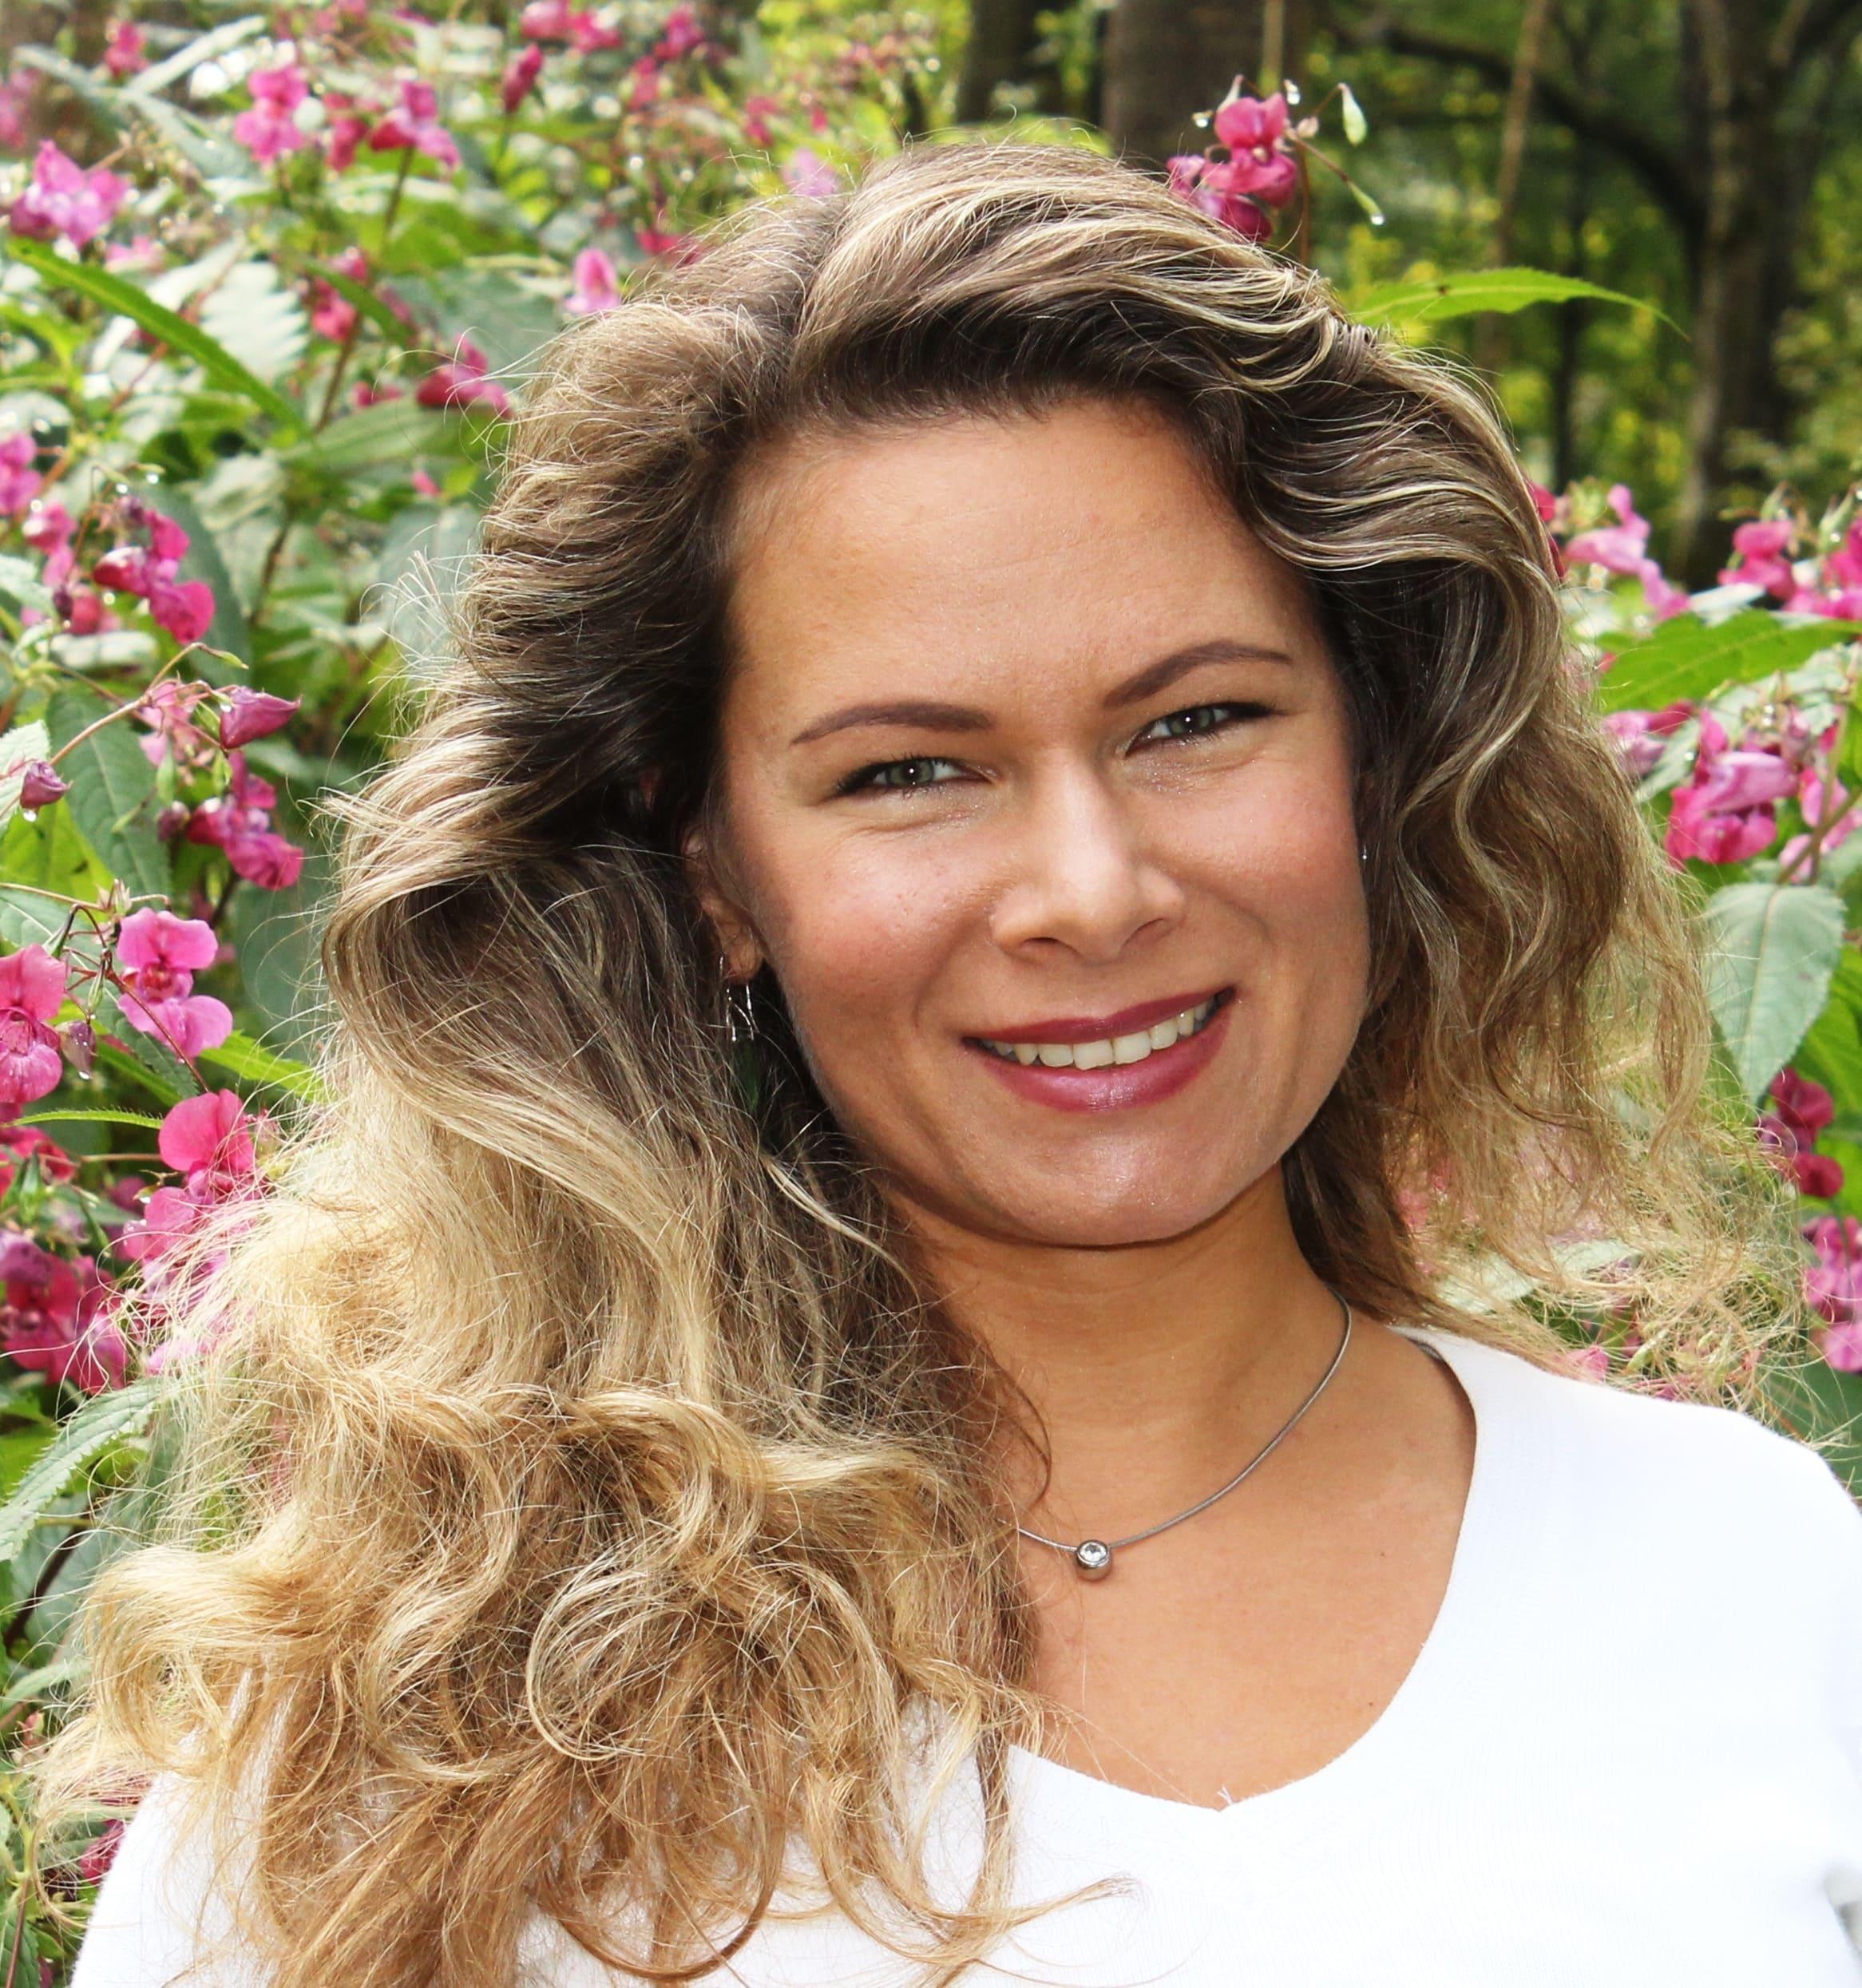 GESUNDHEITS-PLAUDEREI mit Eva @ Online über Zoom - Praxis-Seminar-Zentrum BEDADEVA